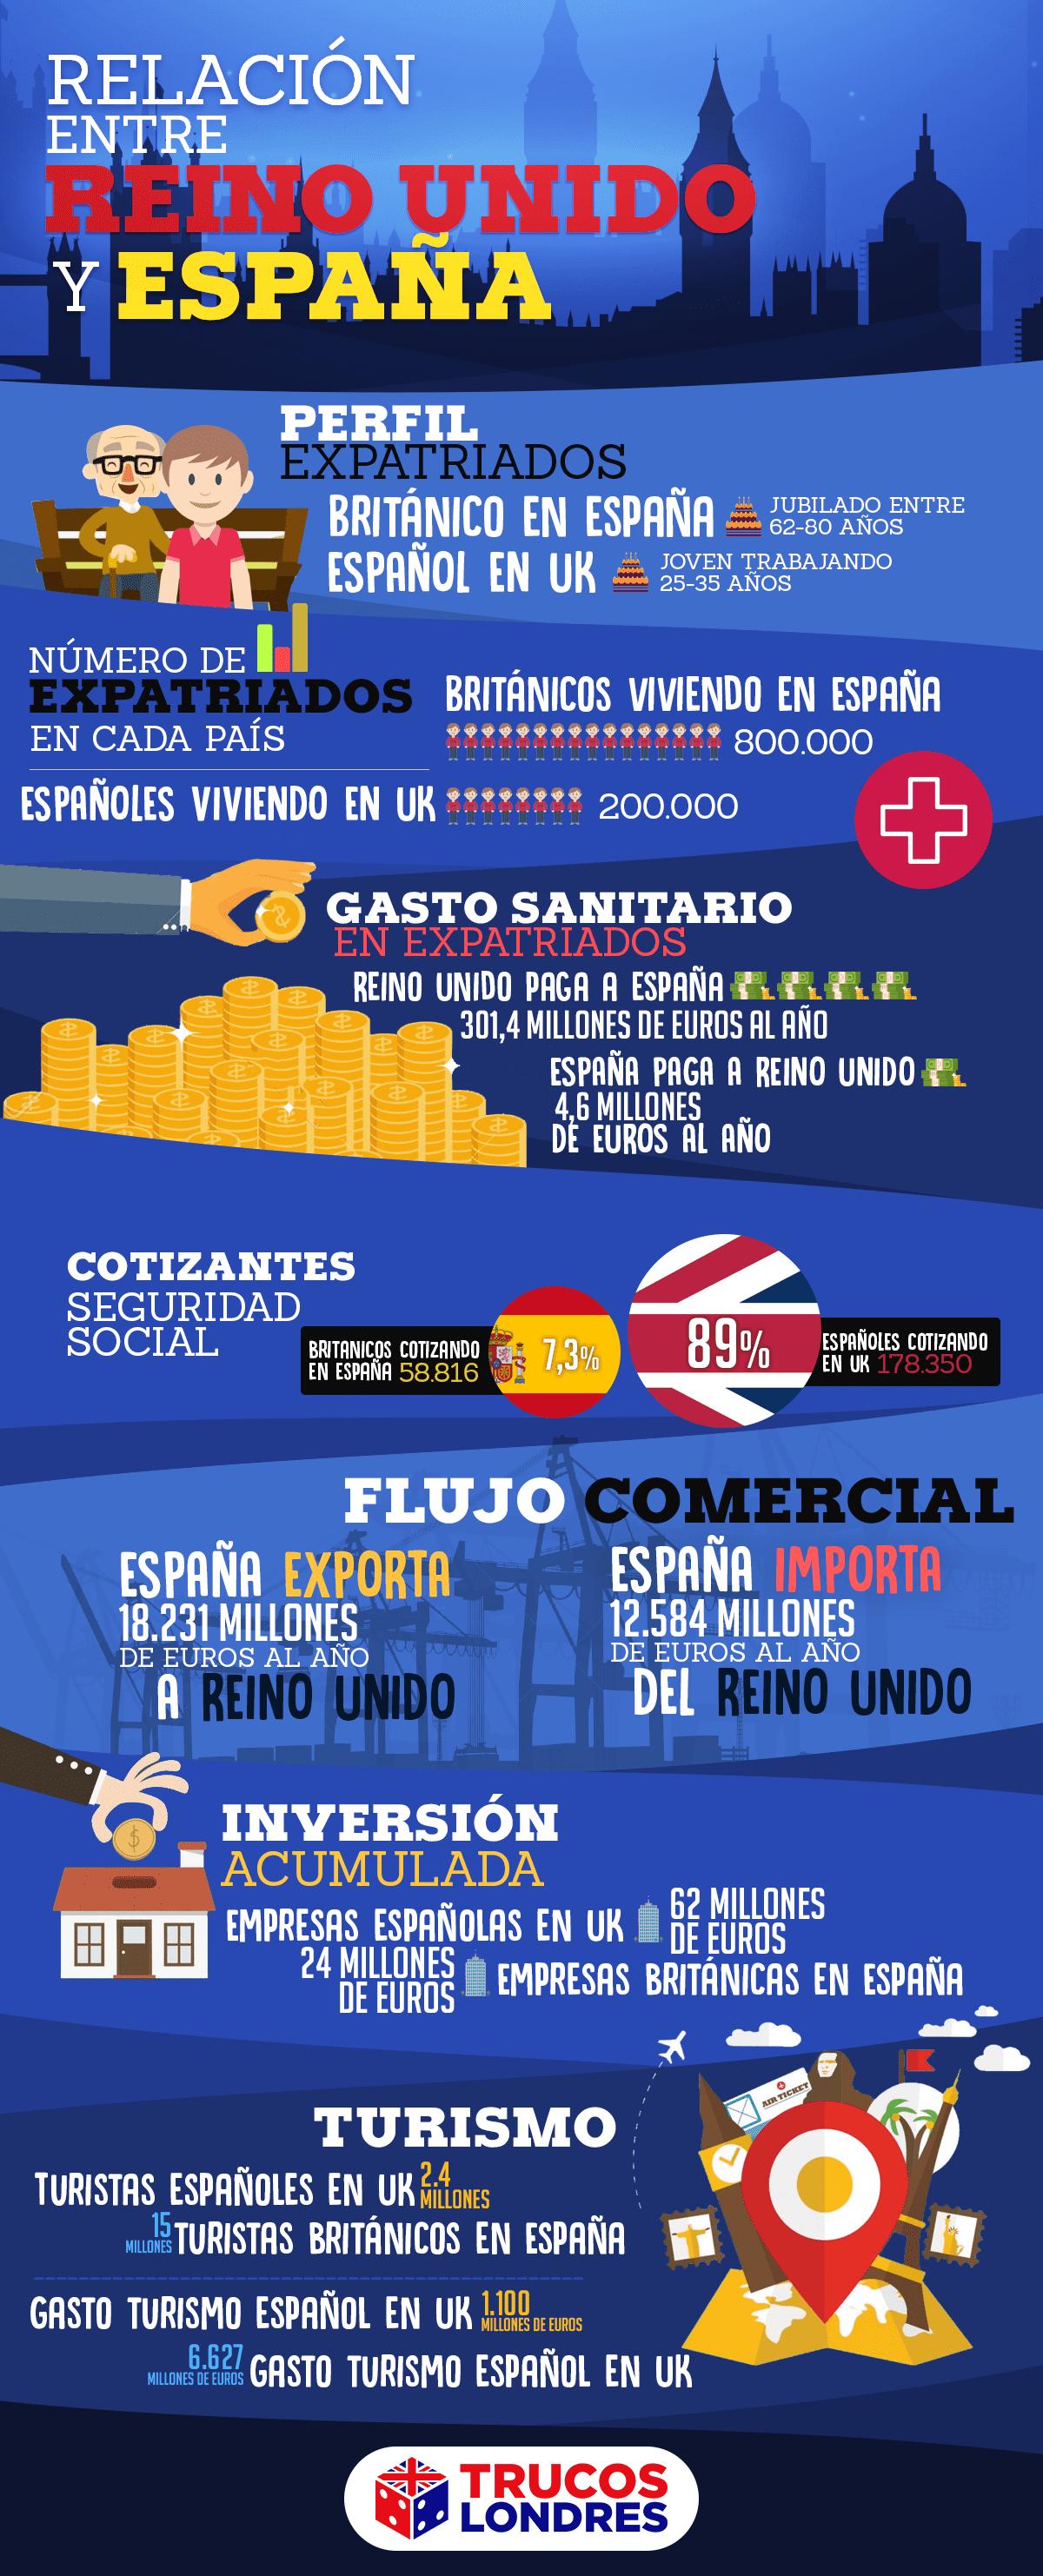 Cómo afecta el Brexit a los españoles